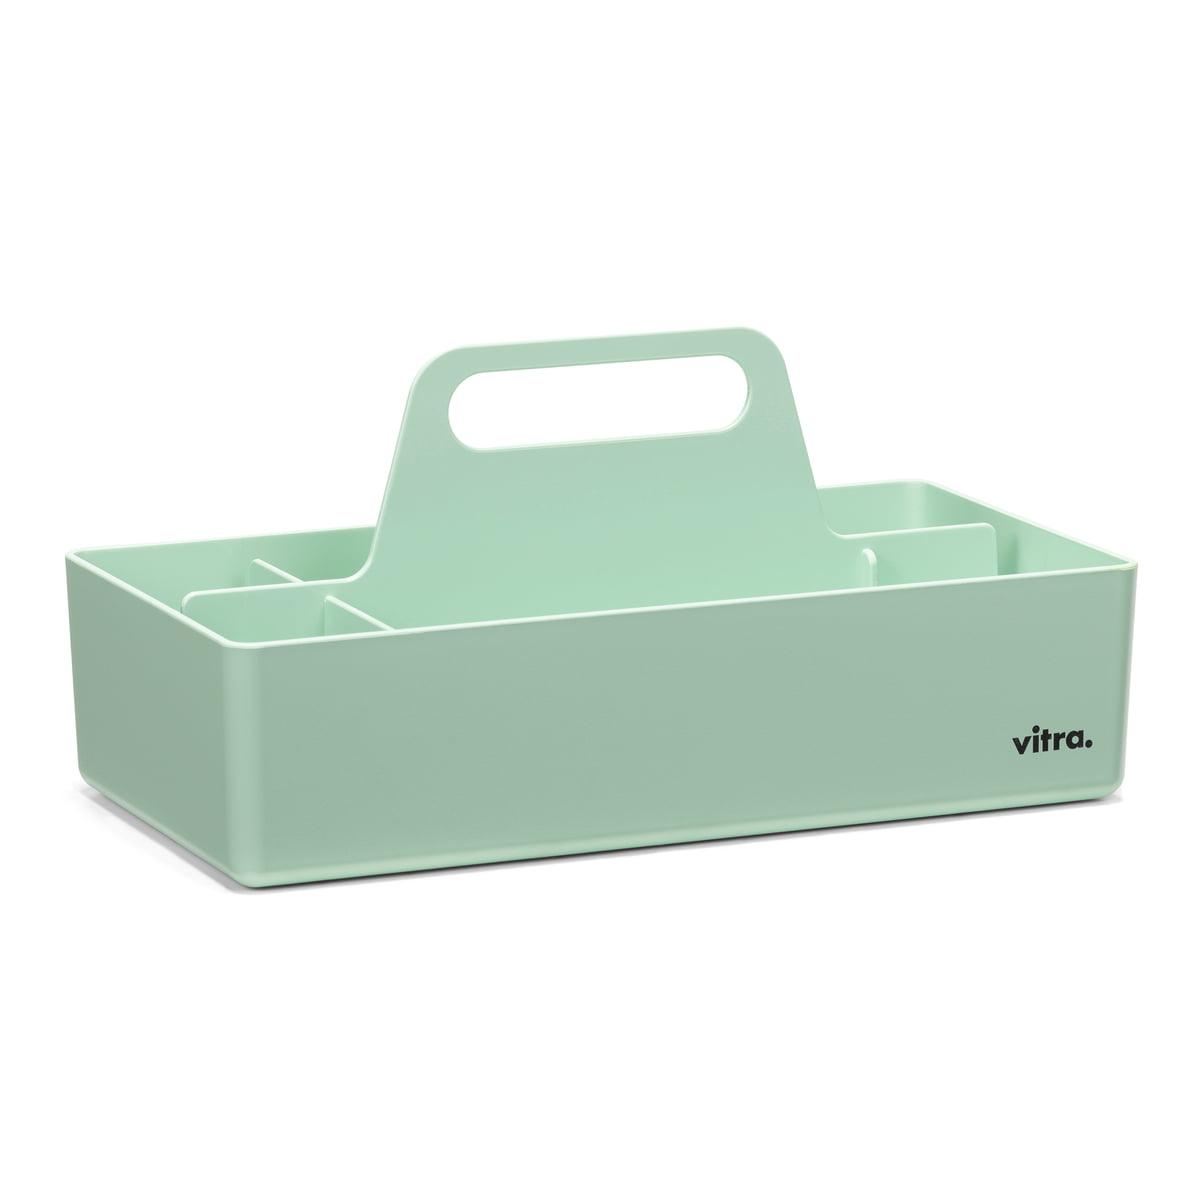 Vitra - Storage Toolbox, mint